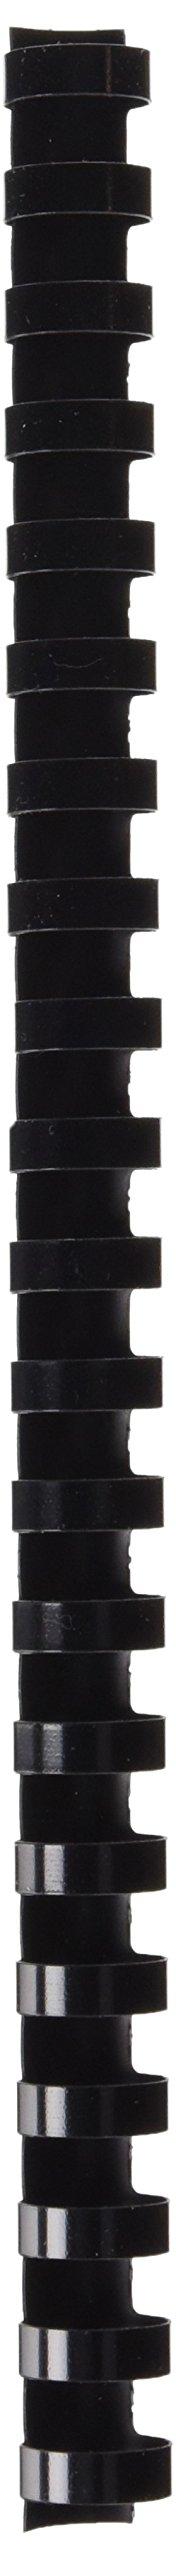 5 Etoiles ETL-915943 Comb Binding Spines 16 mm Plastic Pack of 100 Black